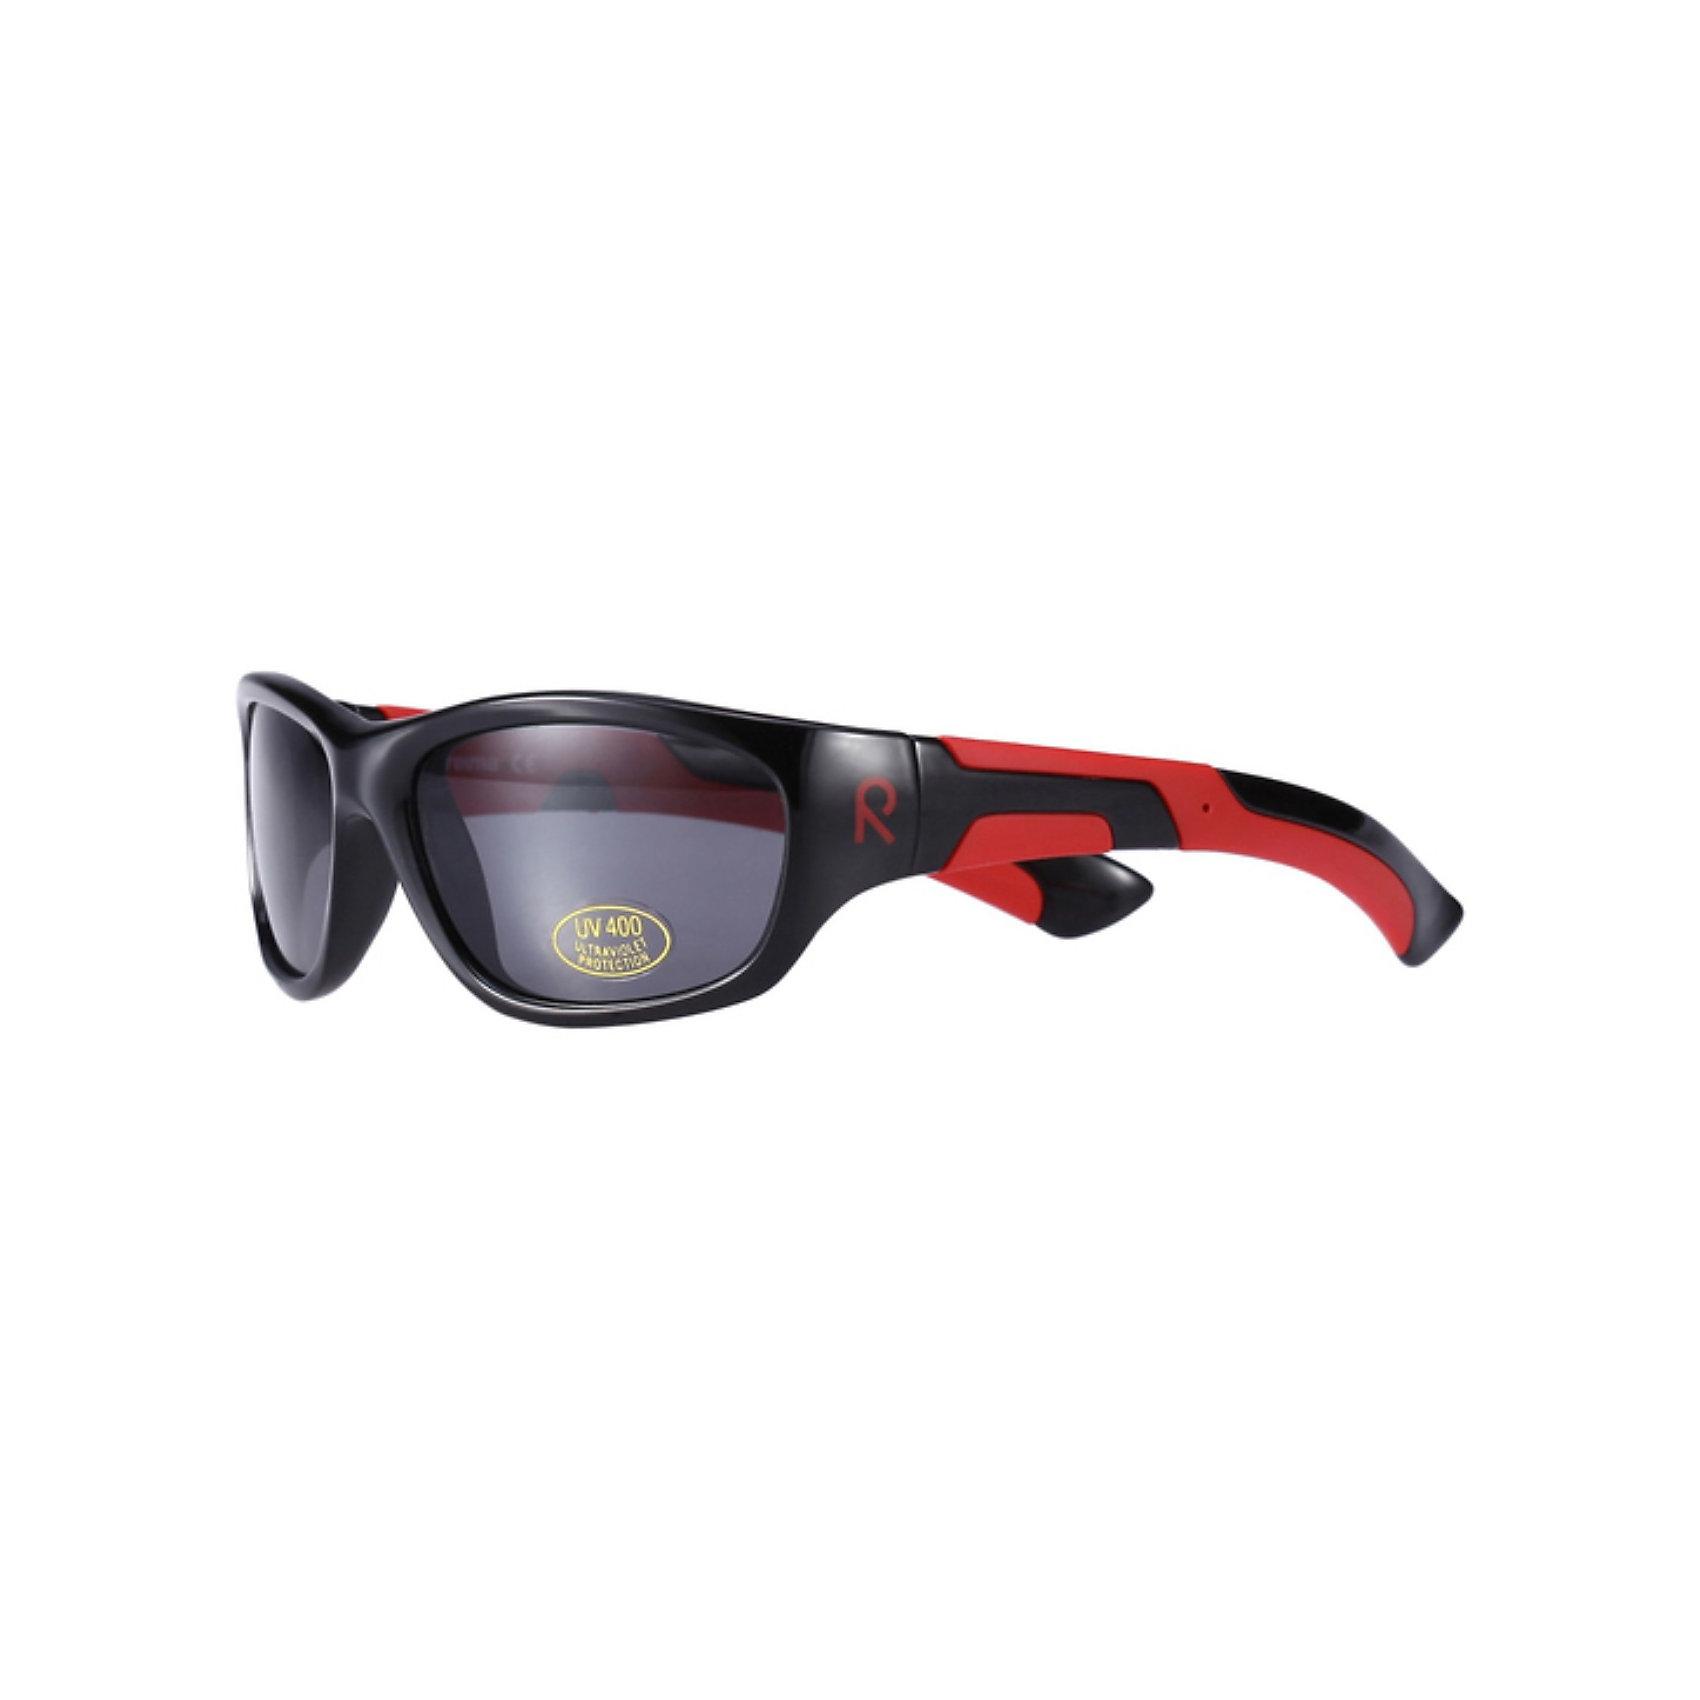 Солнцезащитные очки для мальчика ReimaОдежда<br>Солнцезащитные очки Laine от Reima (Рейма).<br><br>Стильные солнцезащитные очки для детей от 7 лет. Отличная цветовая гамма и полная защита!<br><br>Дополнительная информация:<br><br>- УФА + УФВ защита<br>- Европейский сертификат соответствия<br>- Линзы обработаны противотуманным покрытием<br><br>Солнцезащитные очки  Reima (Рейма), Laine можно купить в нашем магазине.<br><br>Ширина мм: 170<br>Глубина мм: 157<br>Высота мм: 67<br>Вес г: 117<br>Цвет: черный<br>Возраст от месяцев: 36<br>Возраст до месяцев: 84<br>Пол: Мужской<br>Возраст: Детский<br>Размер: one size<br>SKU: 3550084